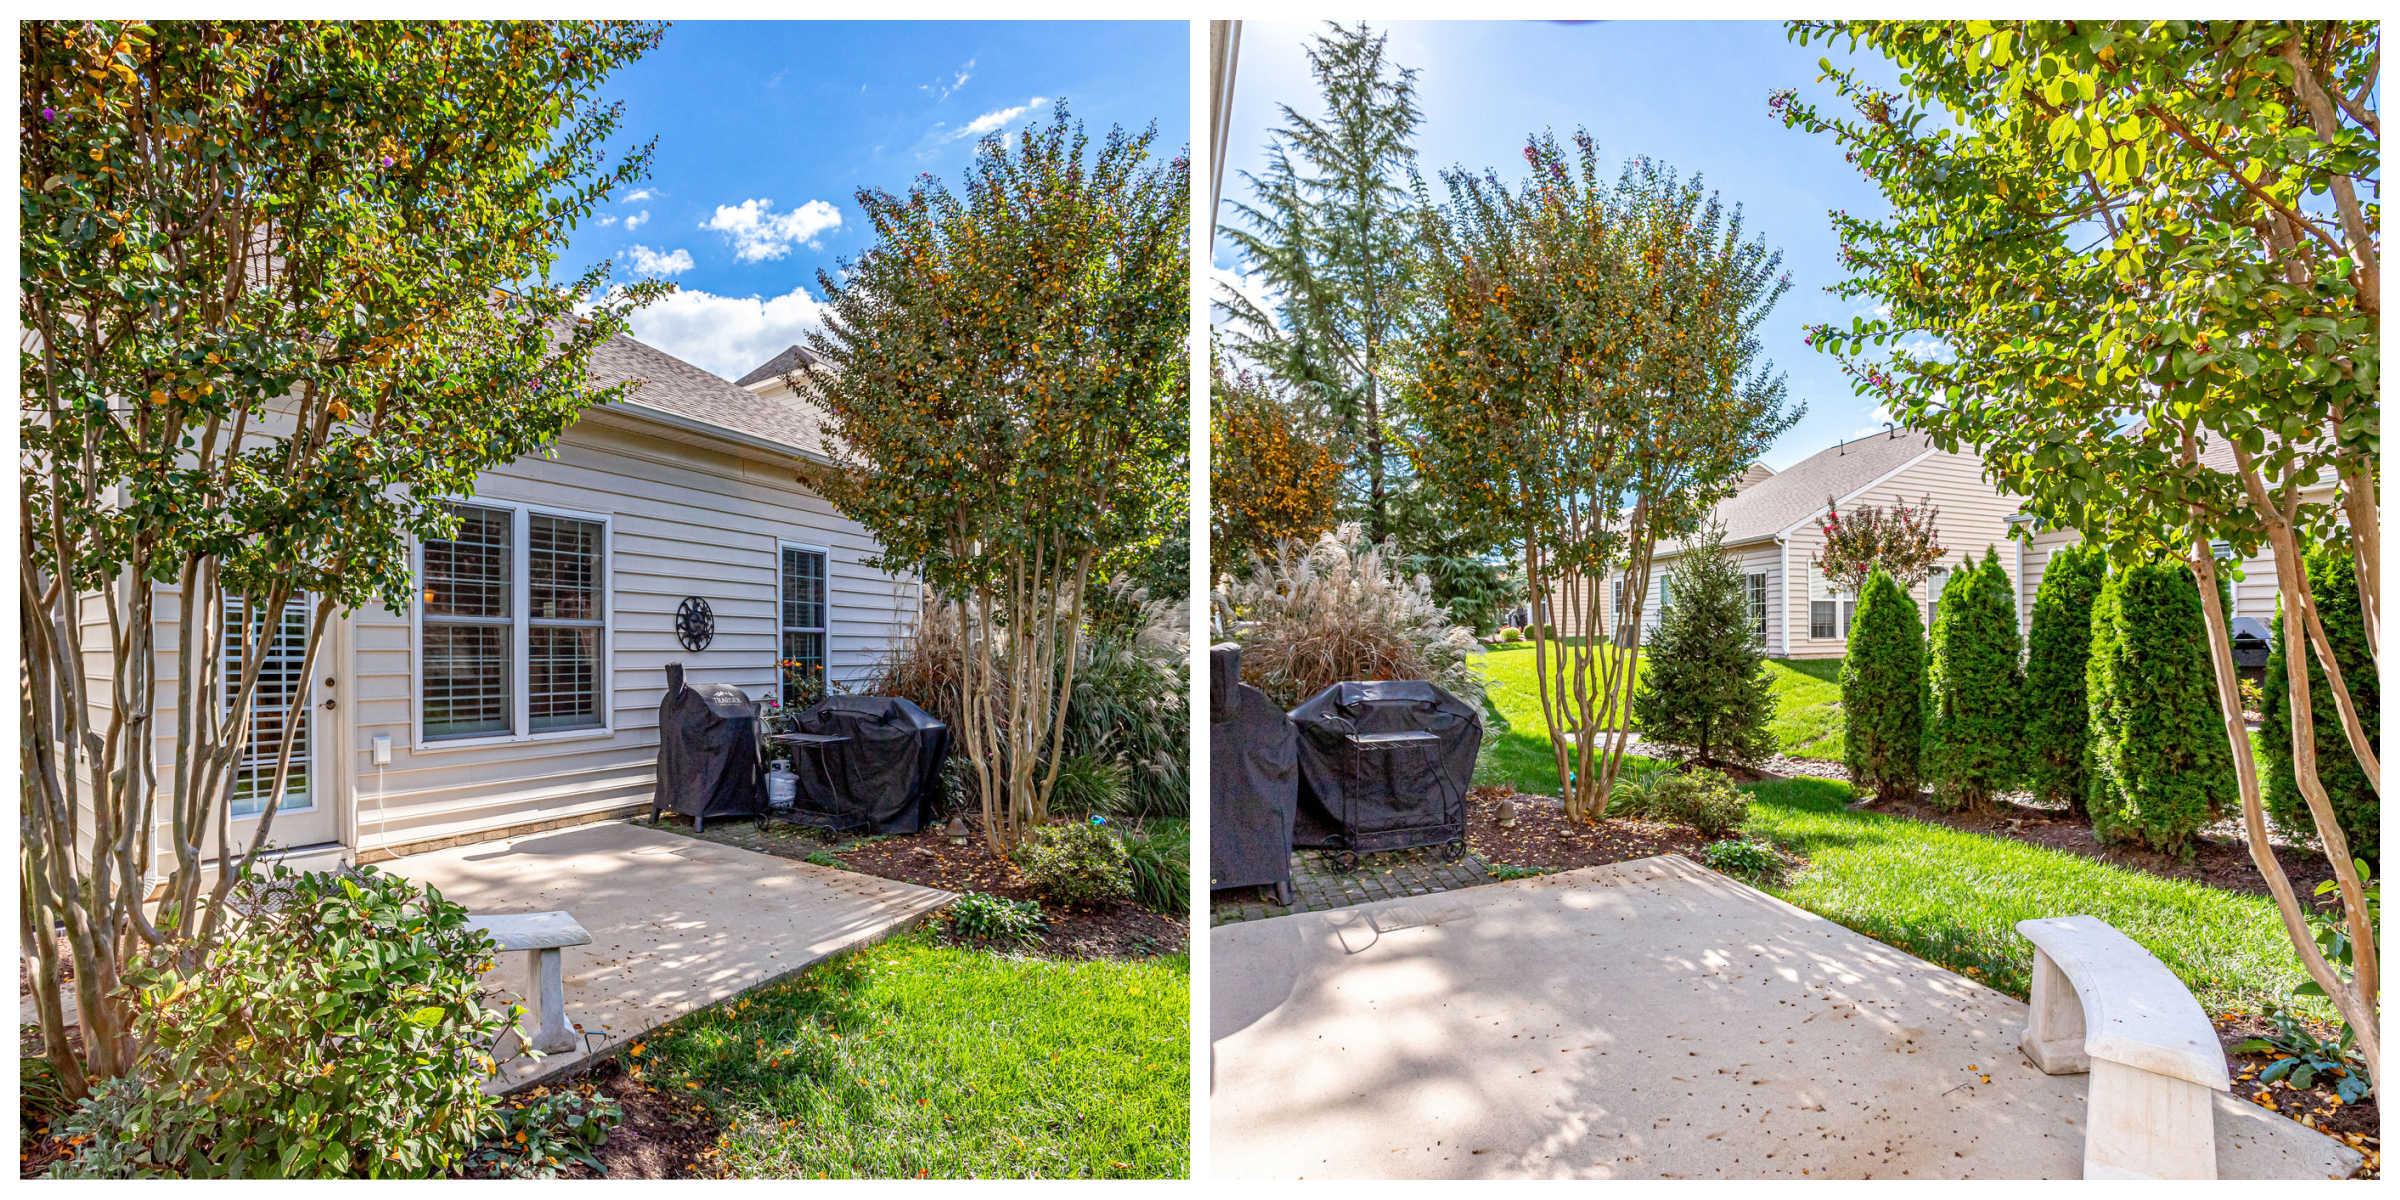 44528 Blueridge Meadows Dr, Potomac Green- Patio